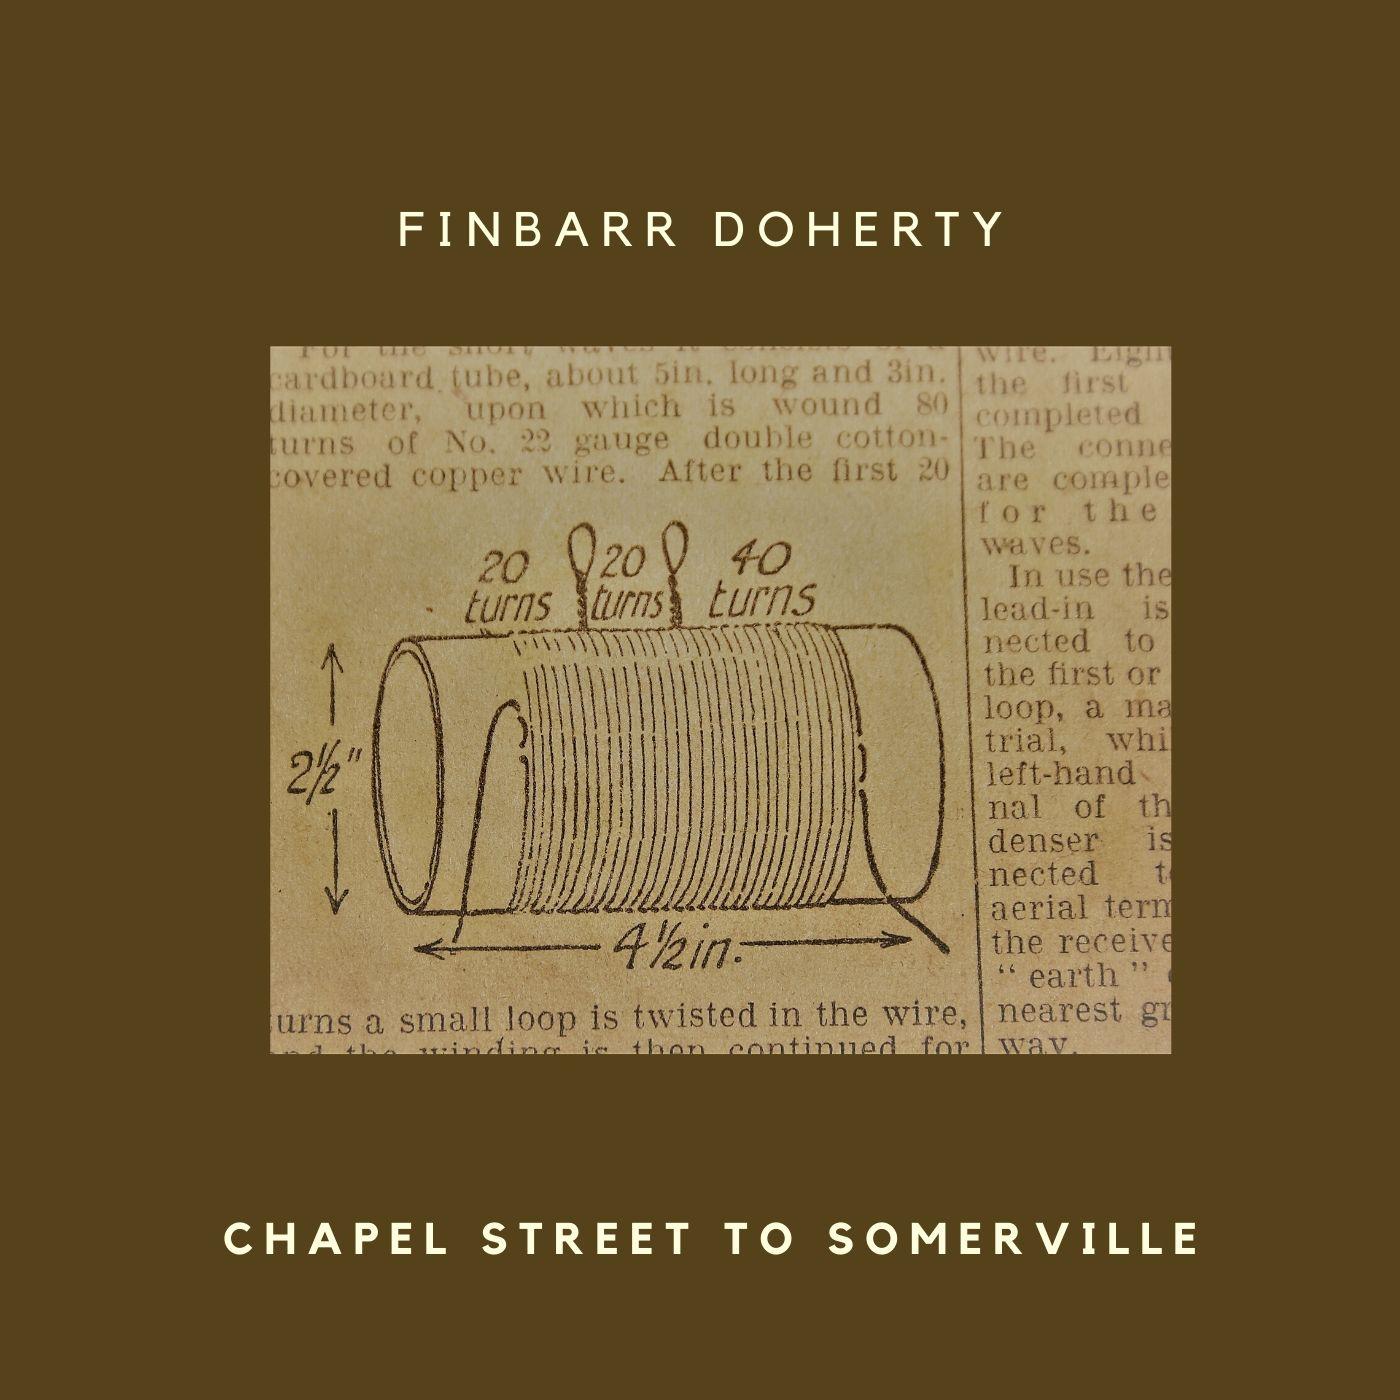 Finbarr Doherty: Skyscrapers